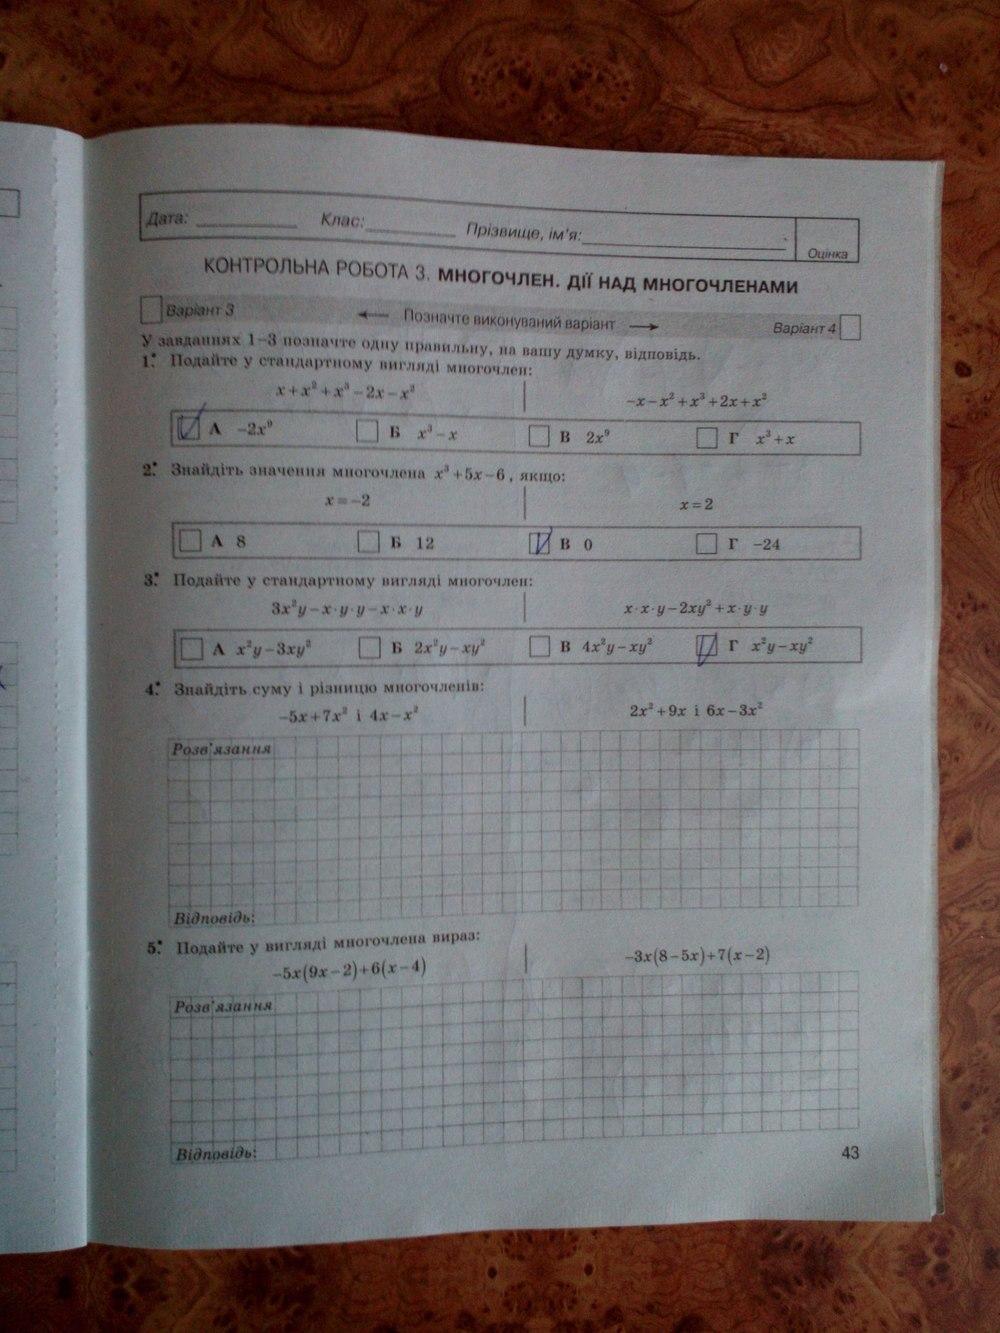 ГДЗ відповіді робочий зошит по алгебре 7 класс Стадник Л.Г., Роганін О.М.. Задание: стр. 43